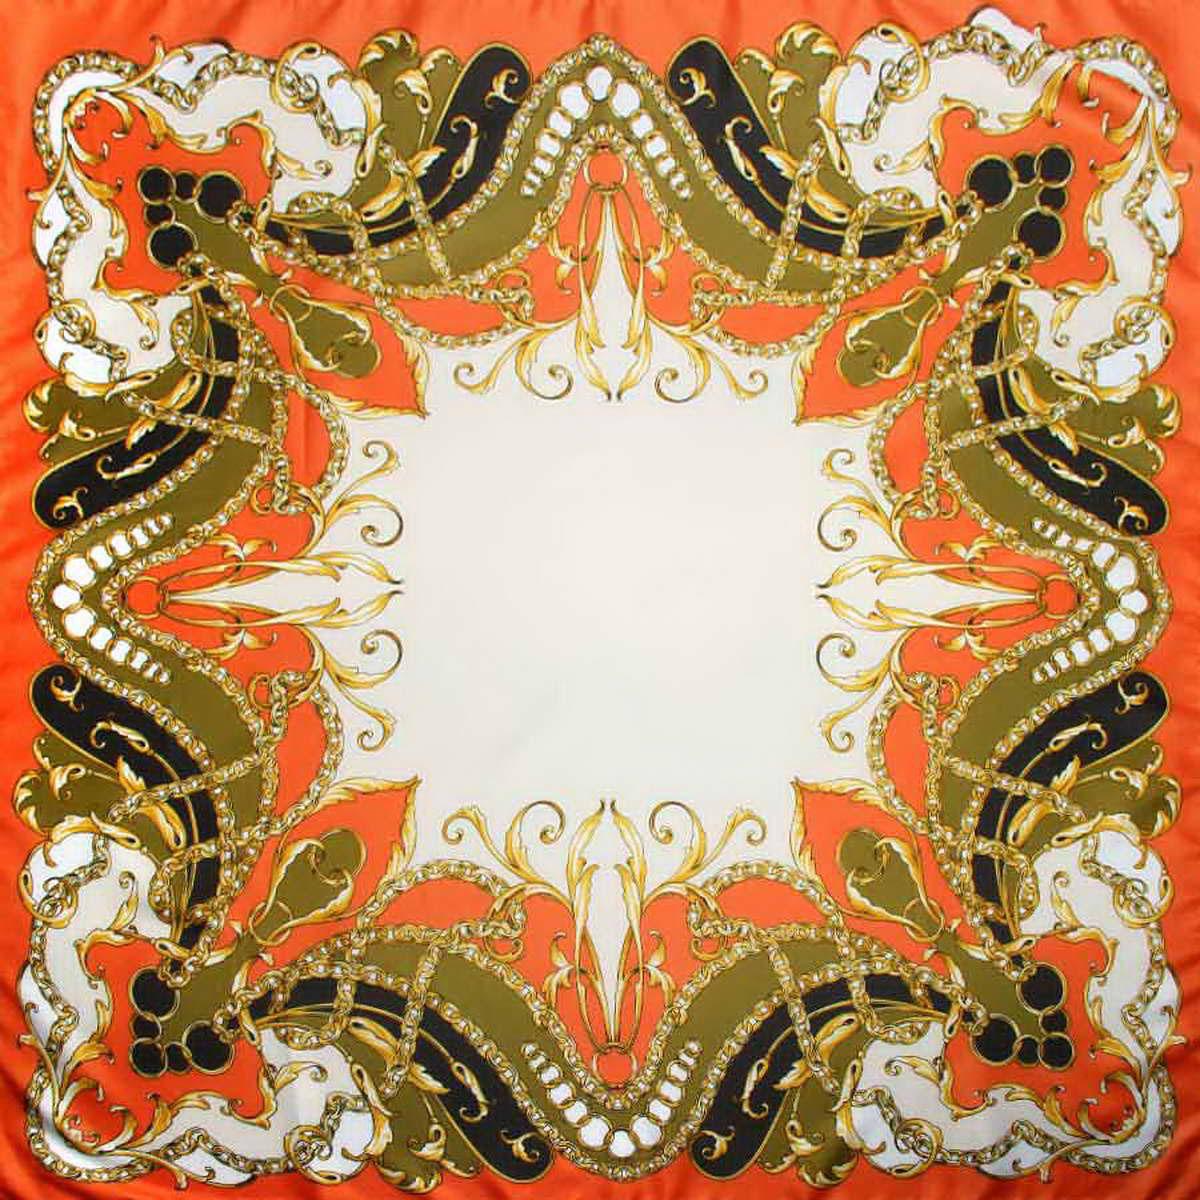 Платок женский. 3904972-273904972-27Стильный женский платок Venera станет великолепным завершением любого наряда. Платок, изготовленный из полиэстера, оформлен оригинальным принтом с изображением цепей и колец. Классическая квадратная форма позволяет носить платок на шее, украшать им прическу или декорировать сумочку. Легкий и приятный на ощупь платок поможет вам создать изысканный женственный образ. Такой платок превосходно дополнит любой наряд и подчеркнет ваш неповторимый вкус и элегантность.